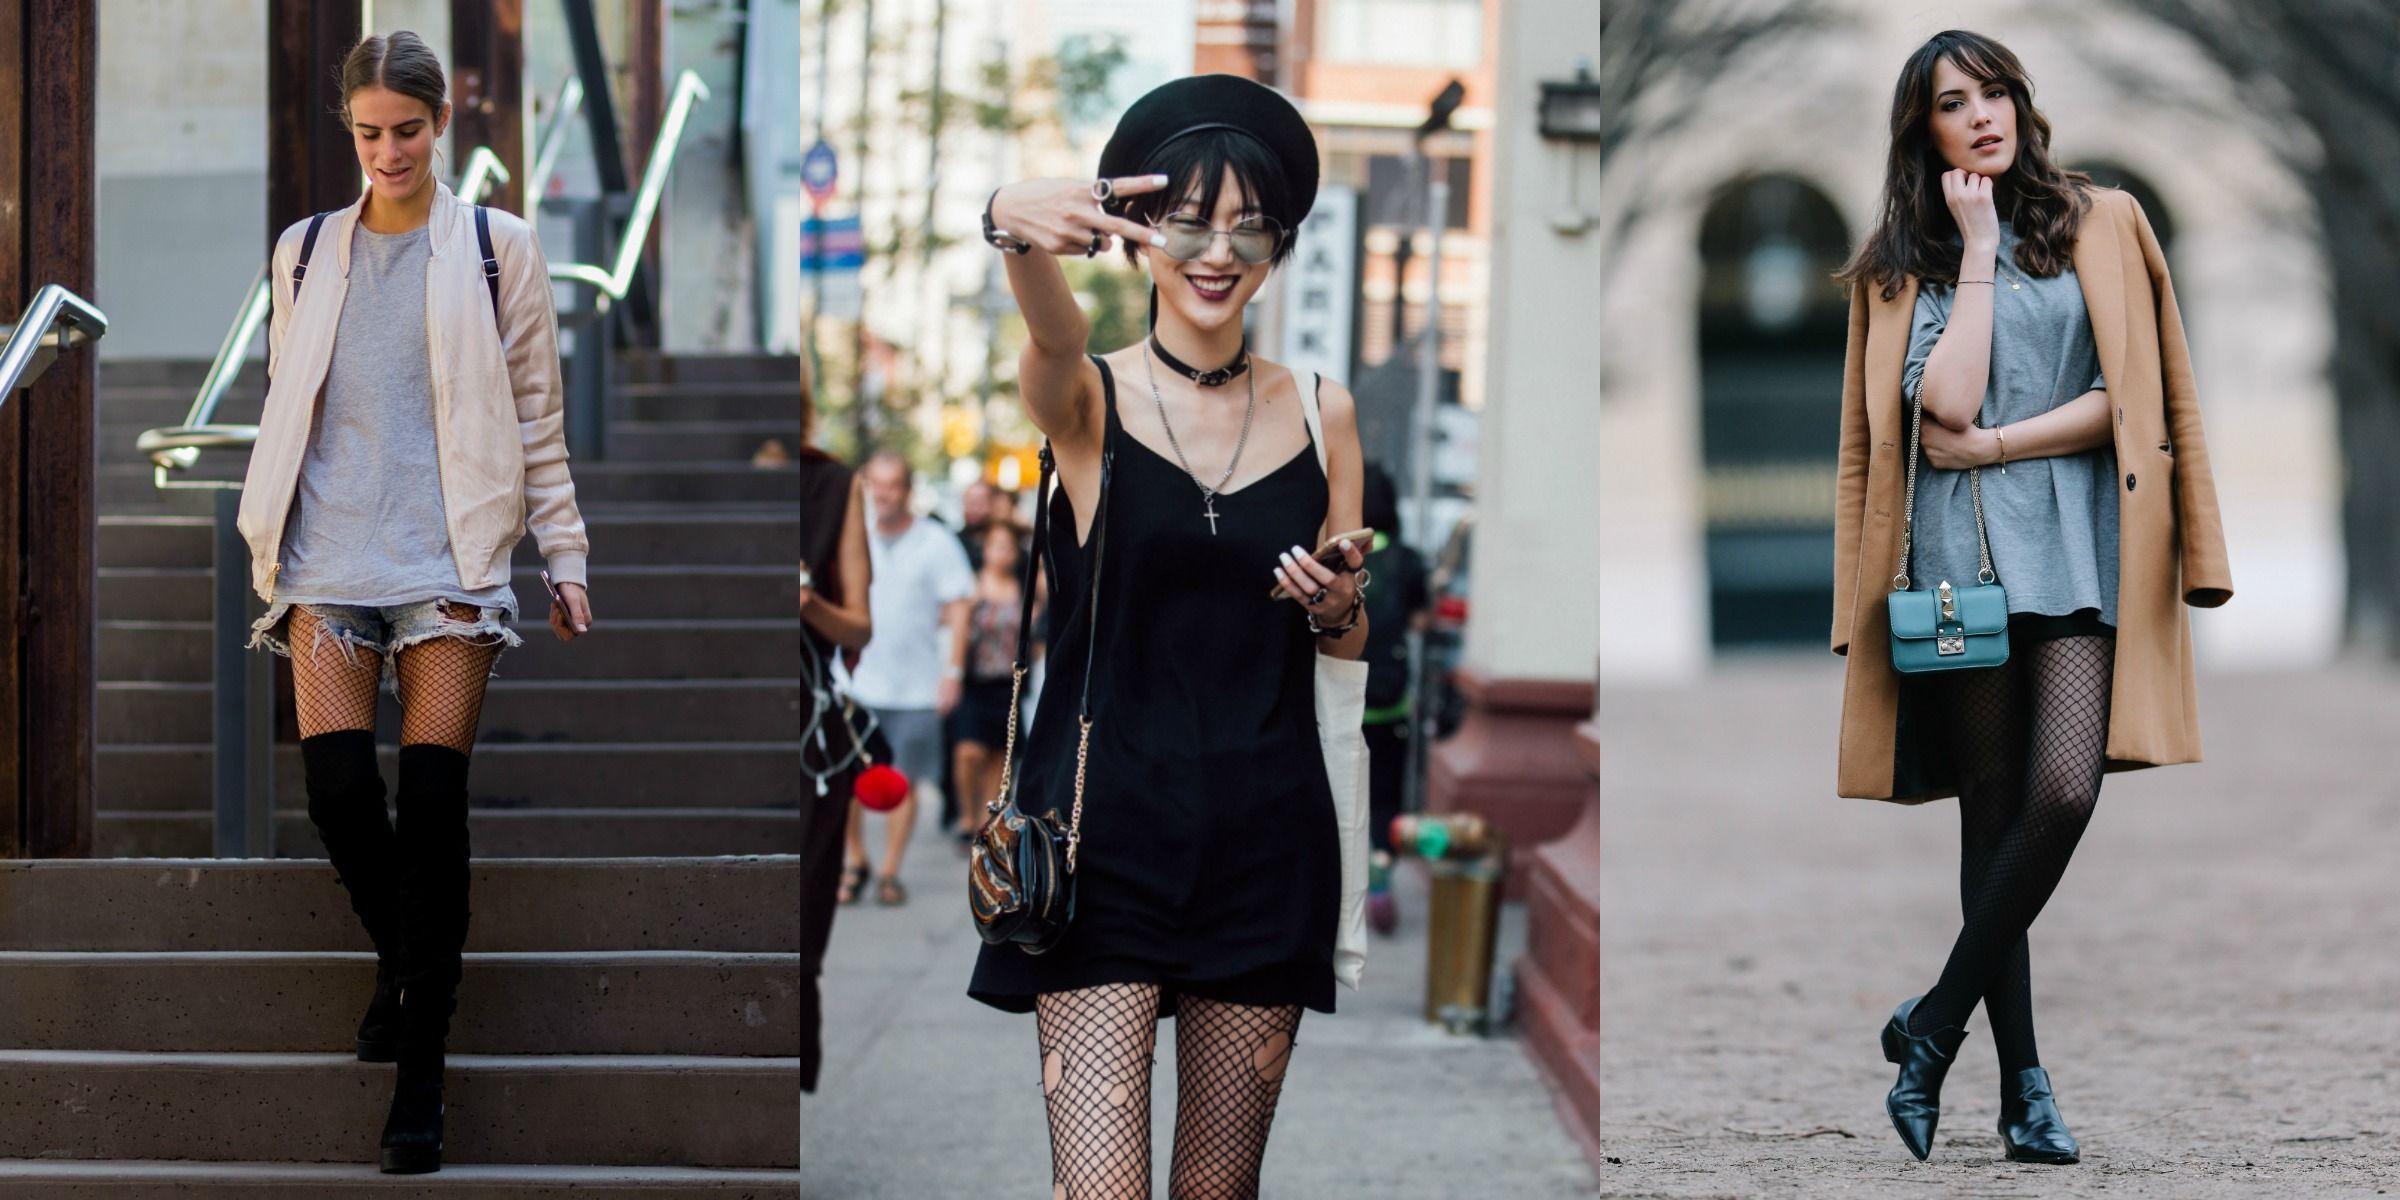 Le Senza ReteCome Abbinano Volgari Calze A Fashion Blogger Essere nPkX80wNOZ